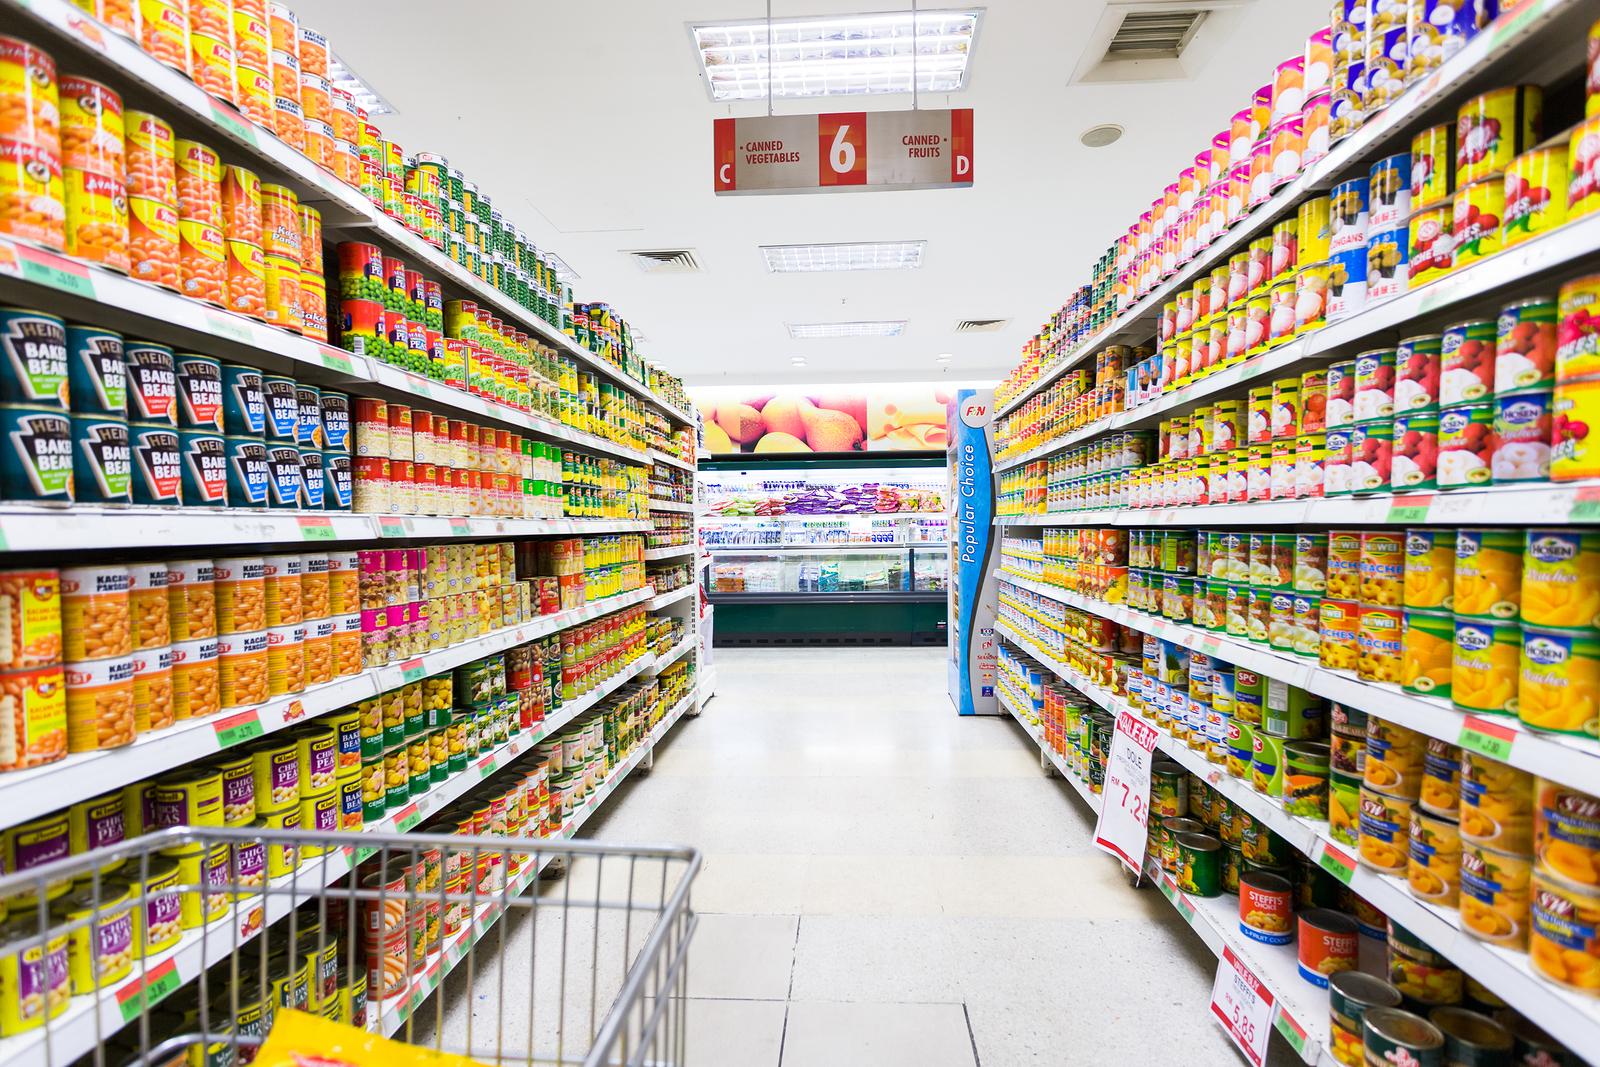 нем фото выкладки товара в супермаркетах вариантом